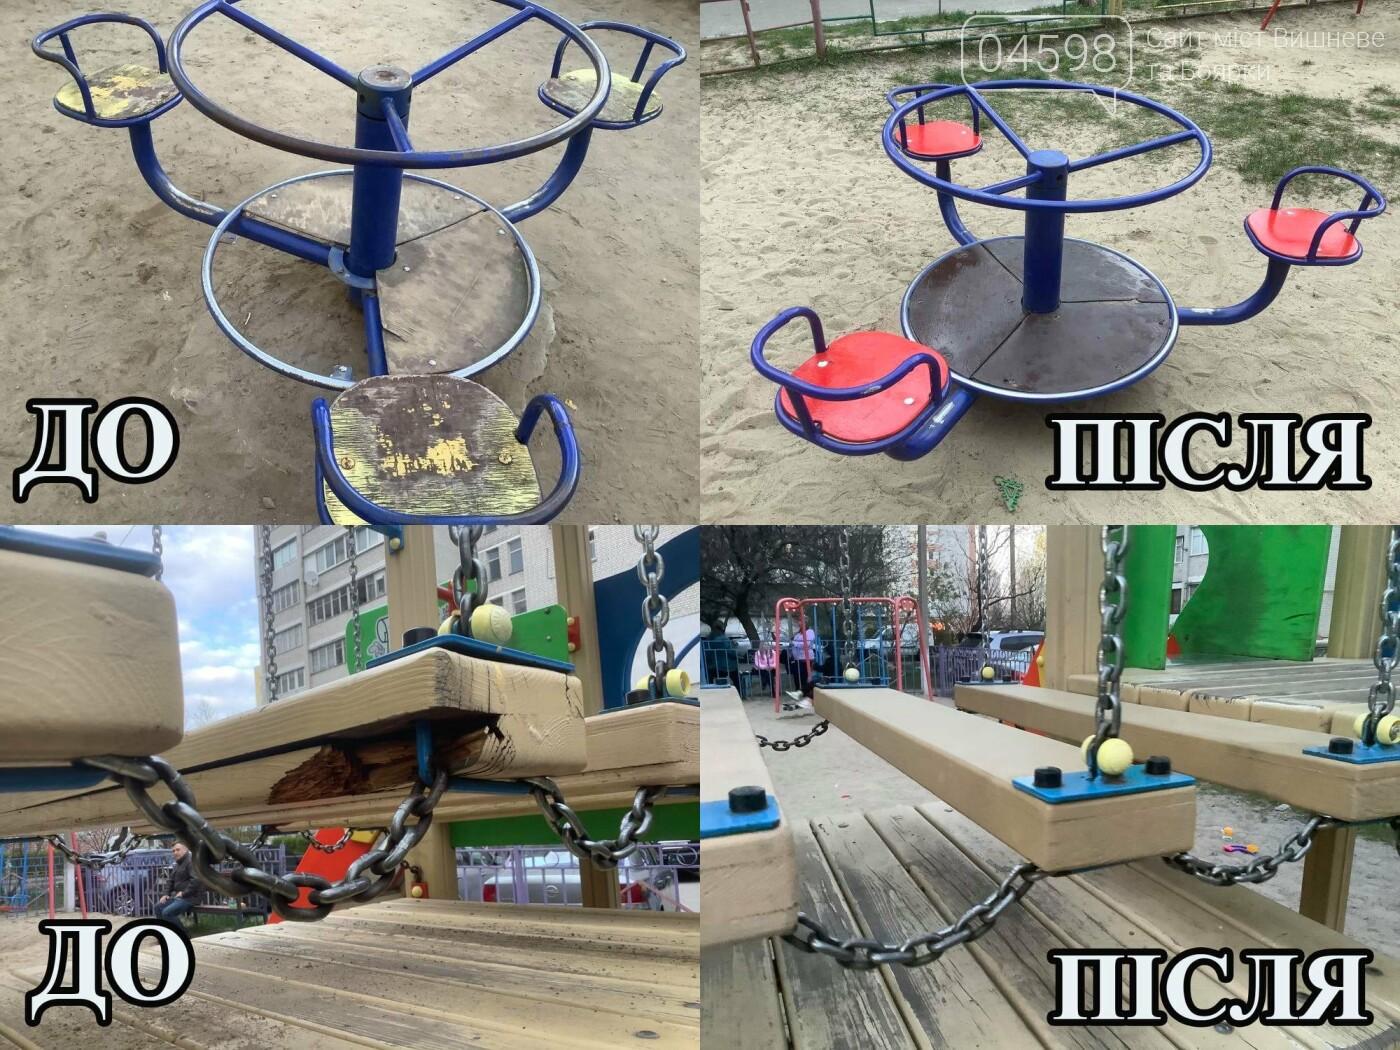 У Вишневому та Крюківщині триває ремонт дитячих майданчиків: до та після, фото-1